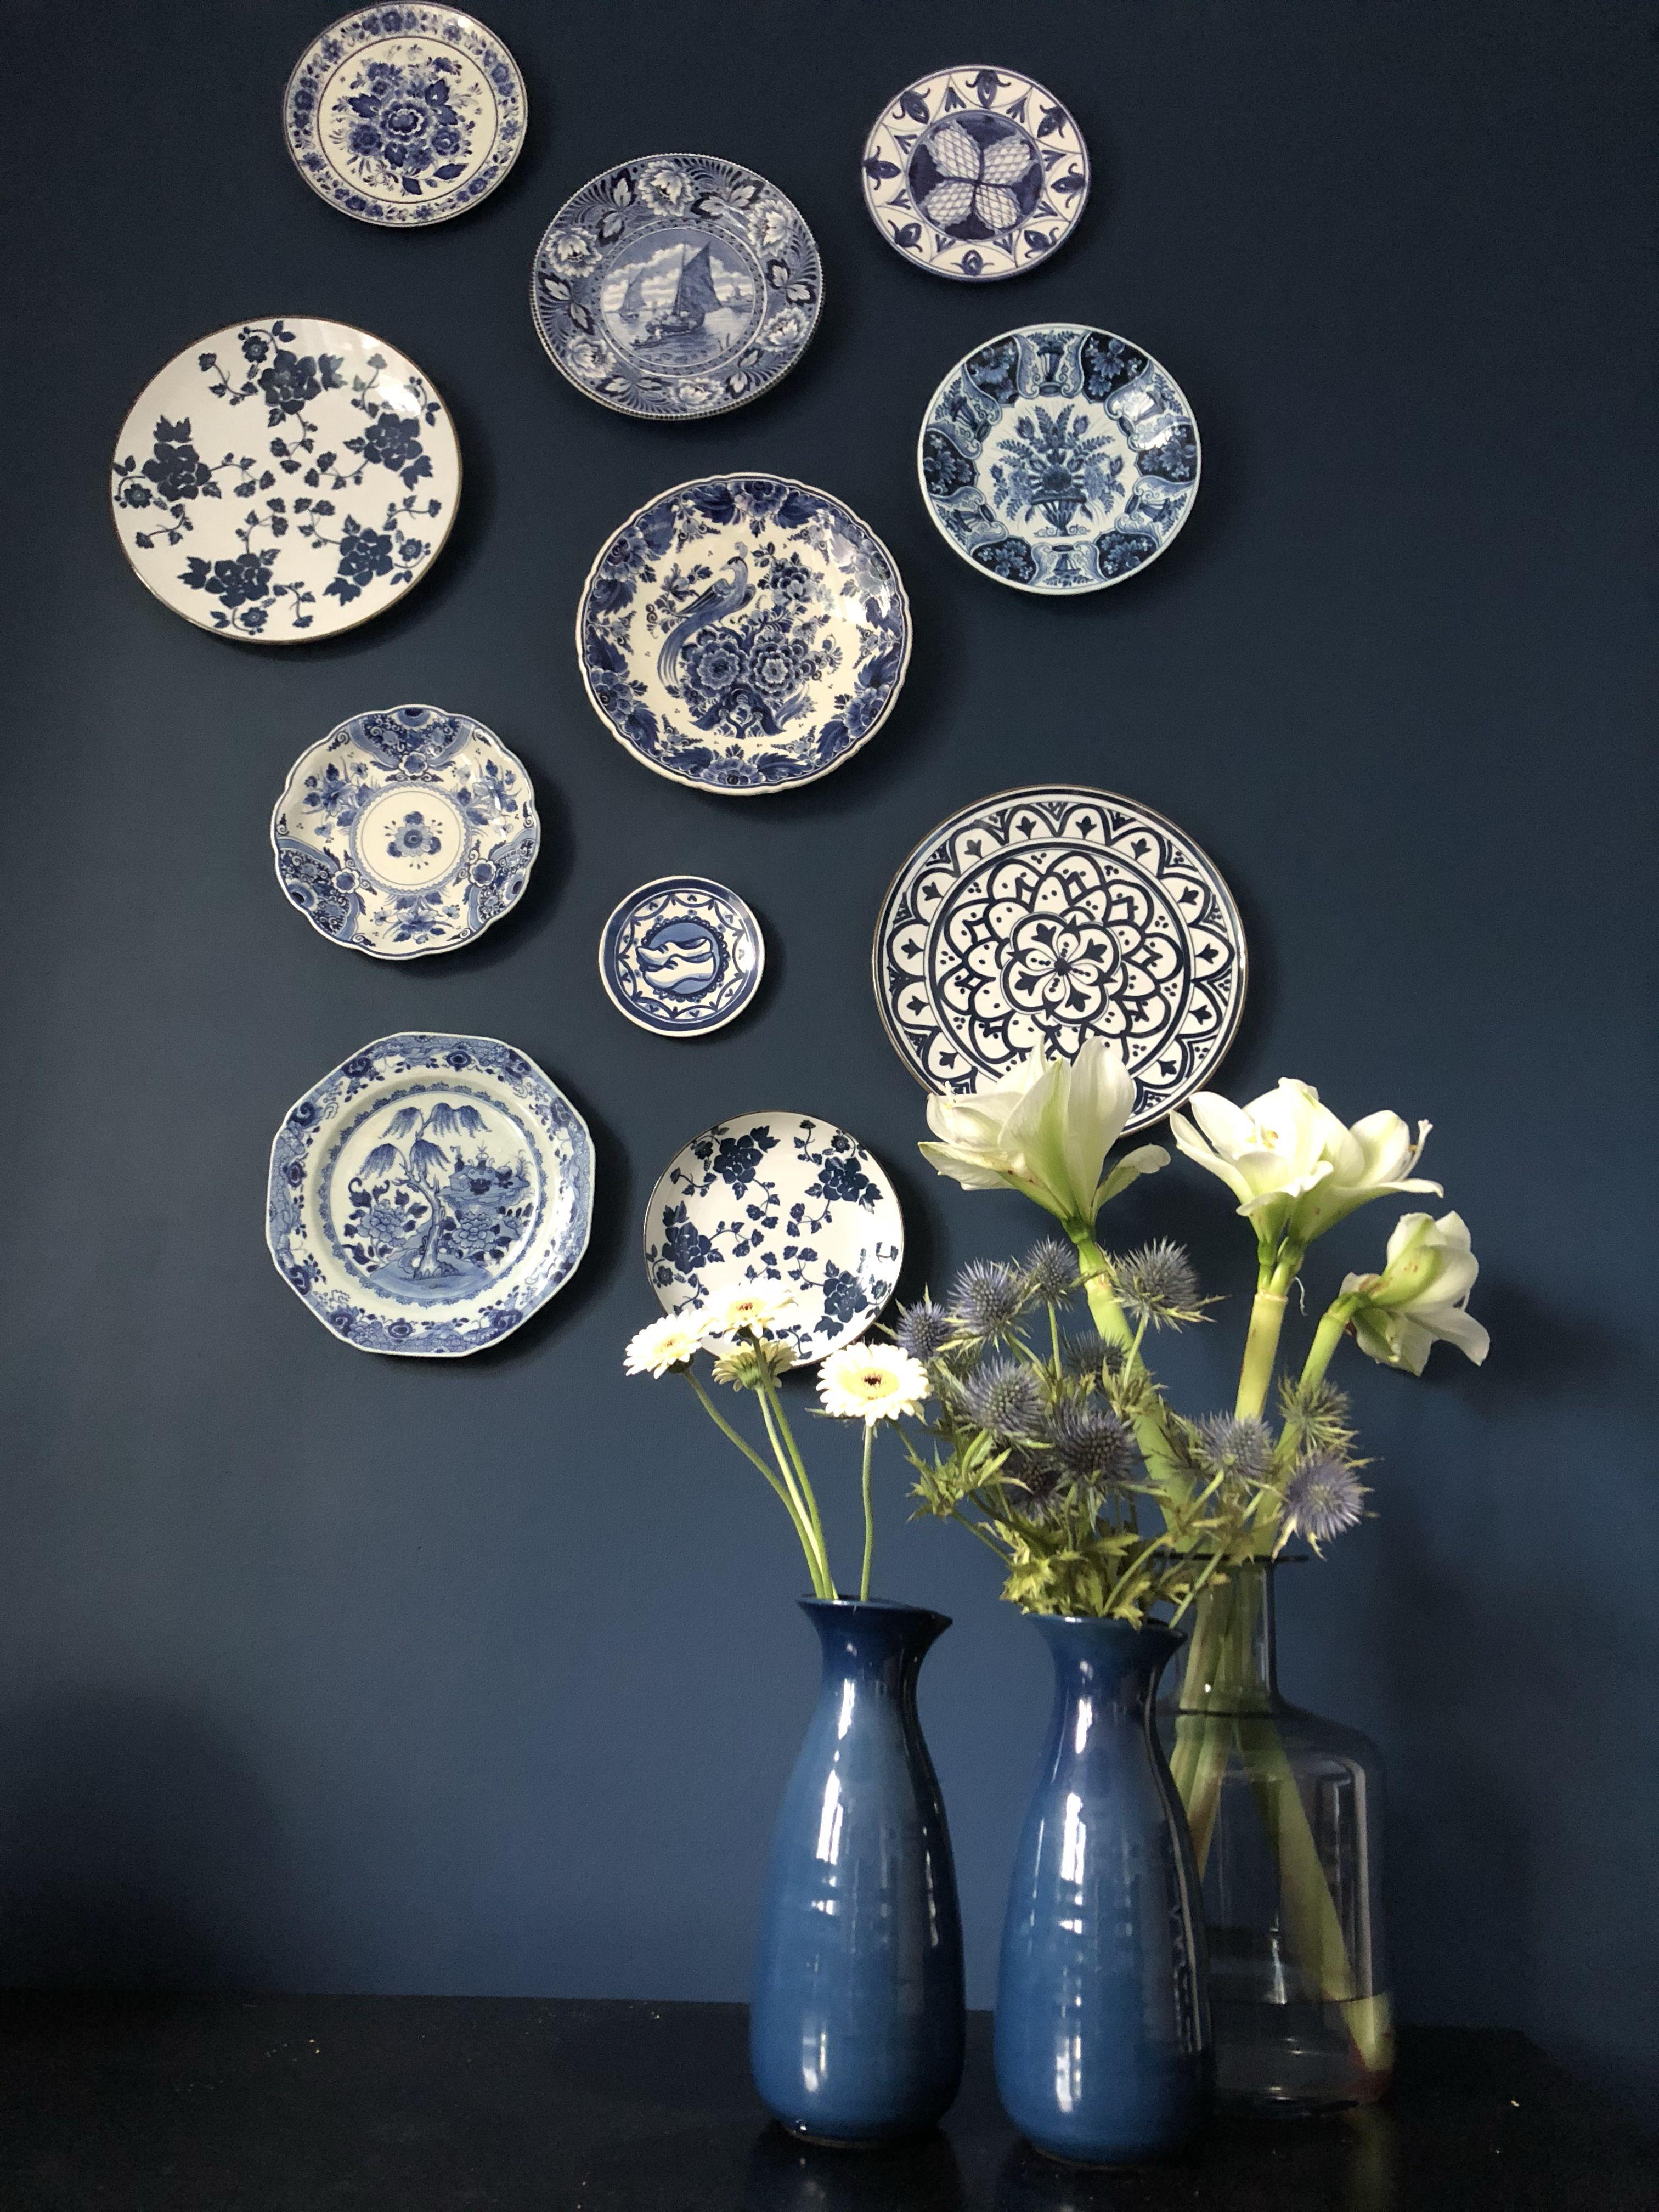 Decoratie Borden Voor Aan De Muur.Verzameling Delfts Blauwe Borden Op Donker Blauwe Muur